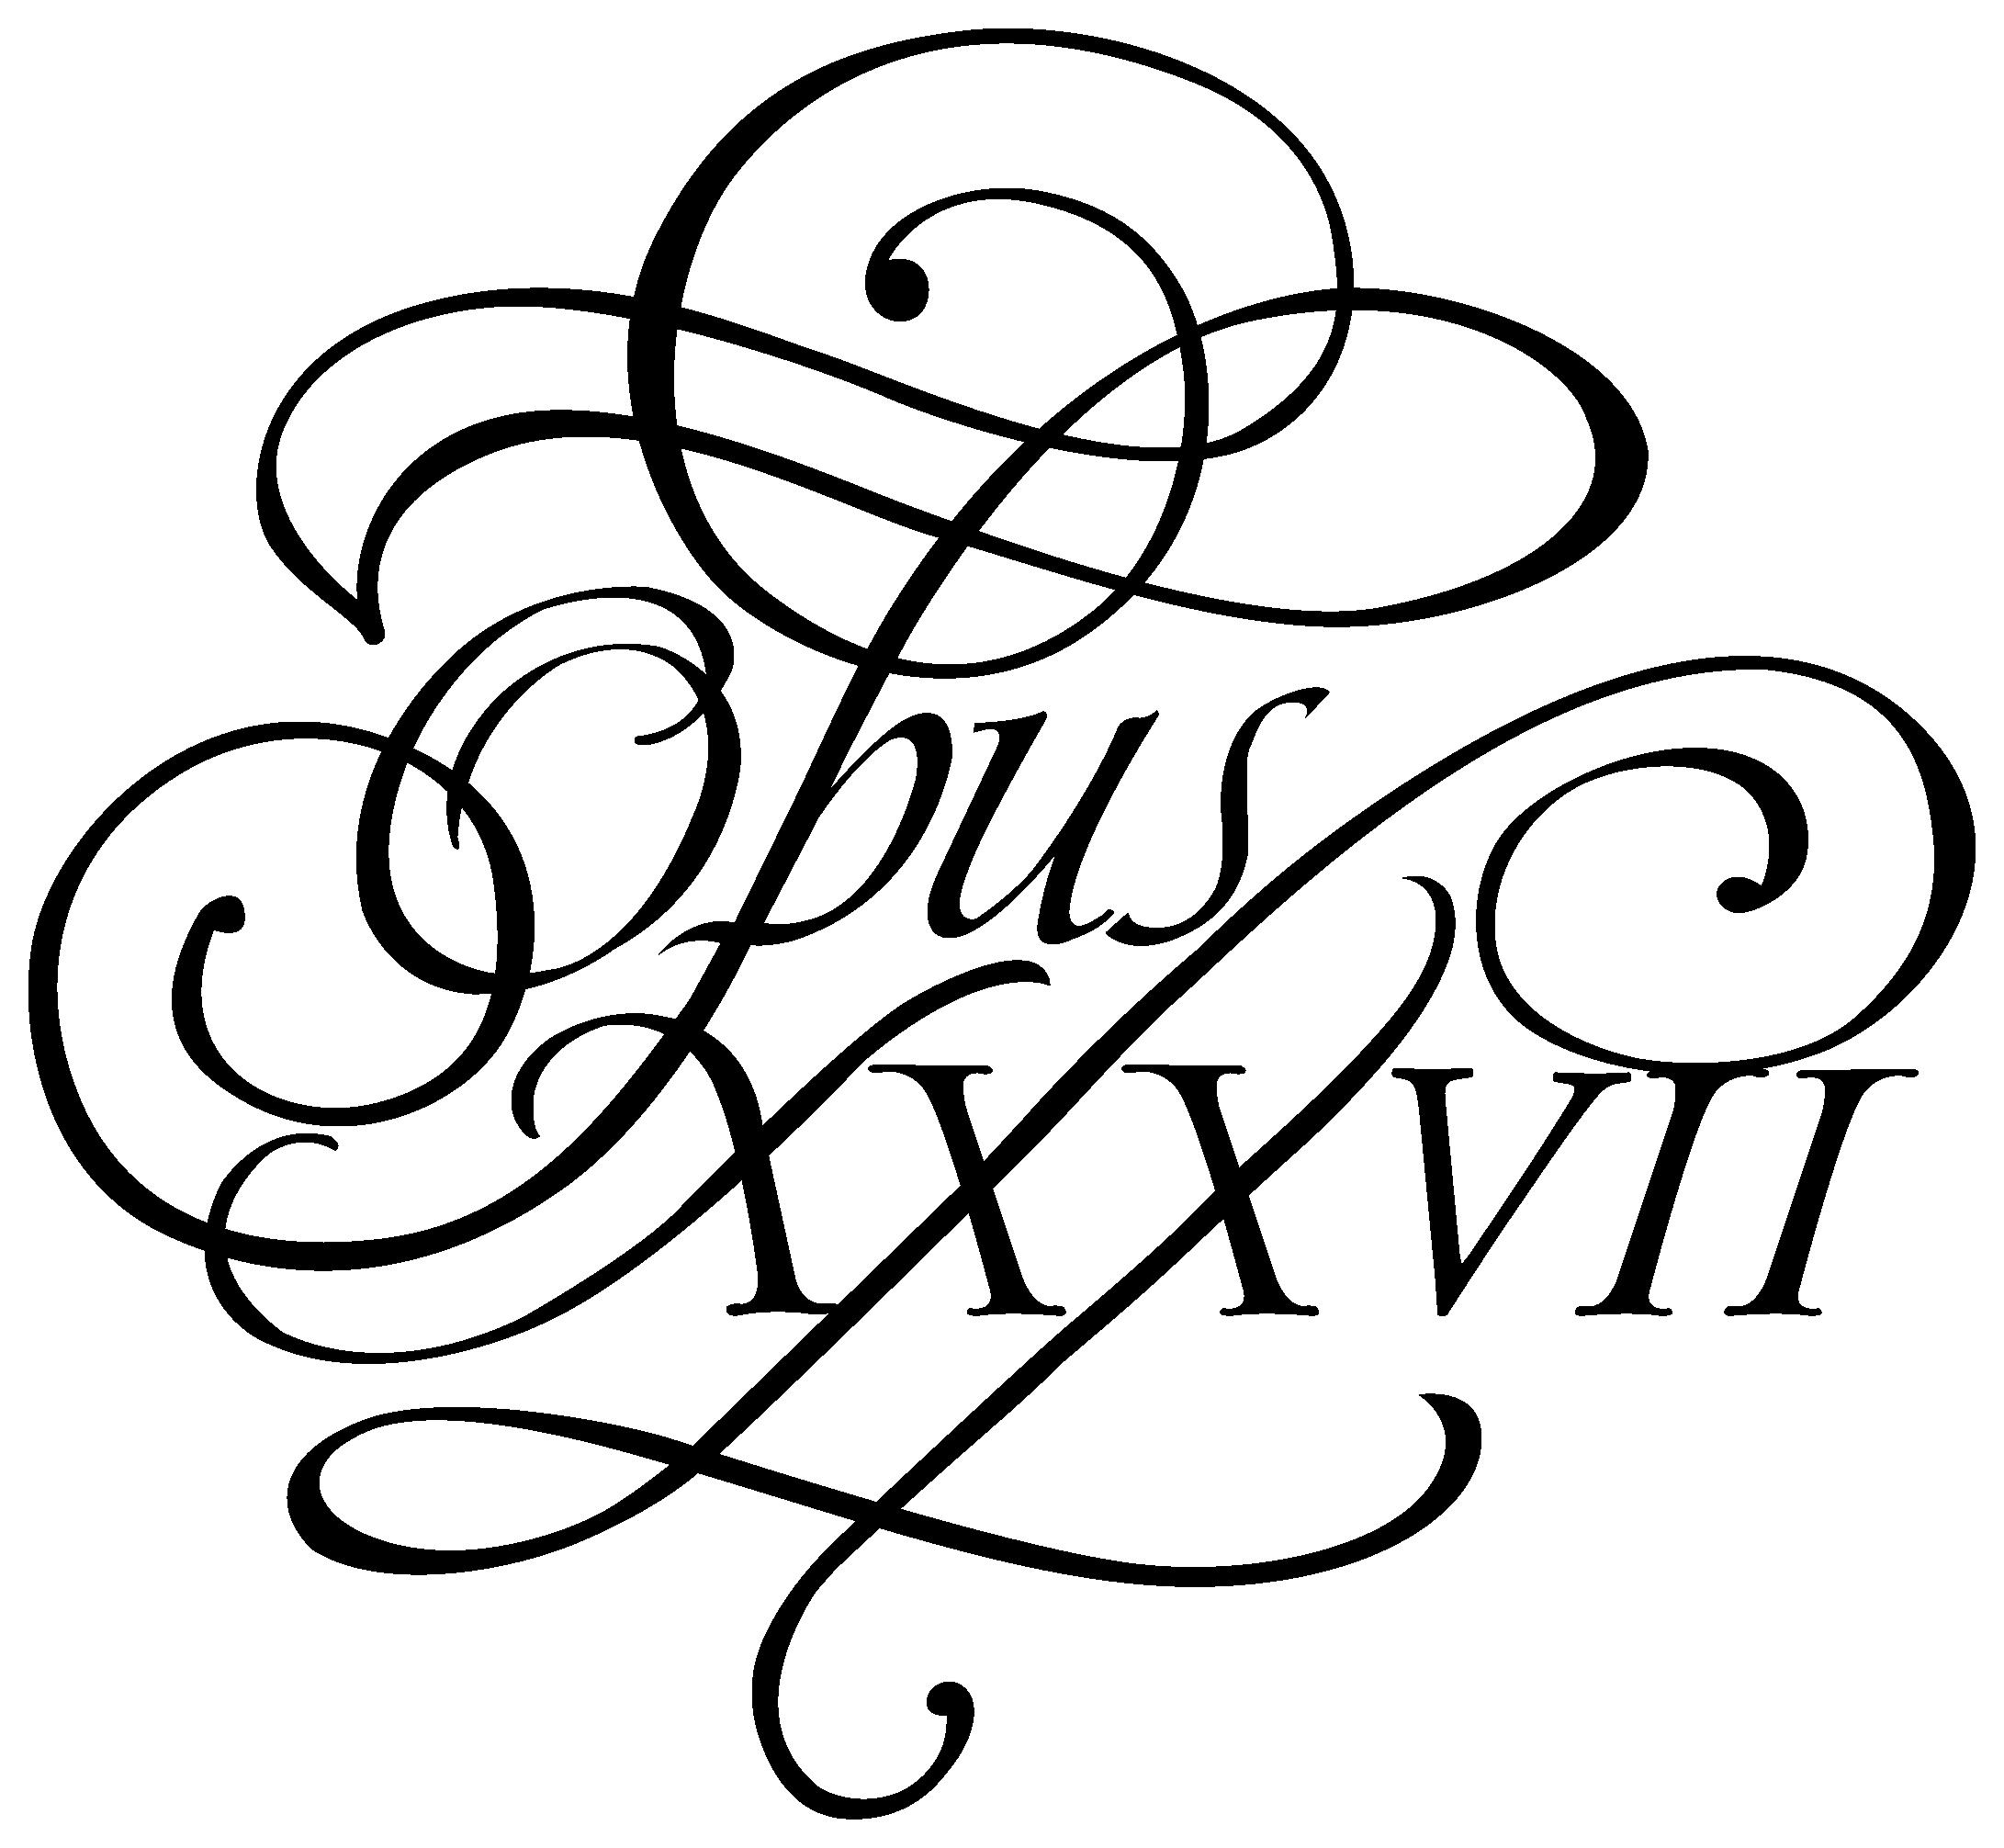 OPUS_XXXVIII_Logos_Black.png